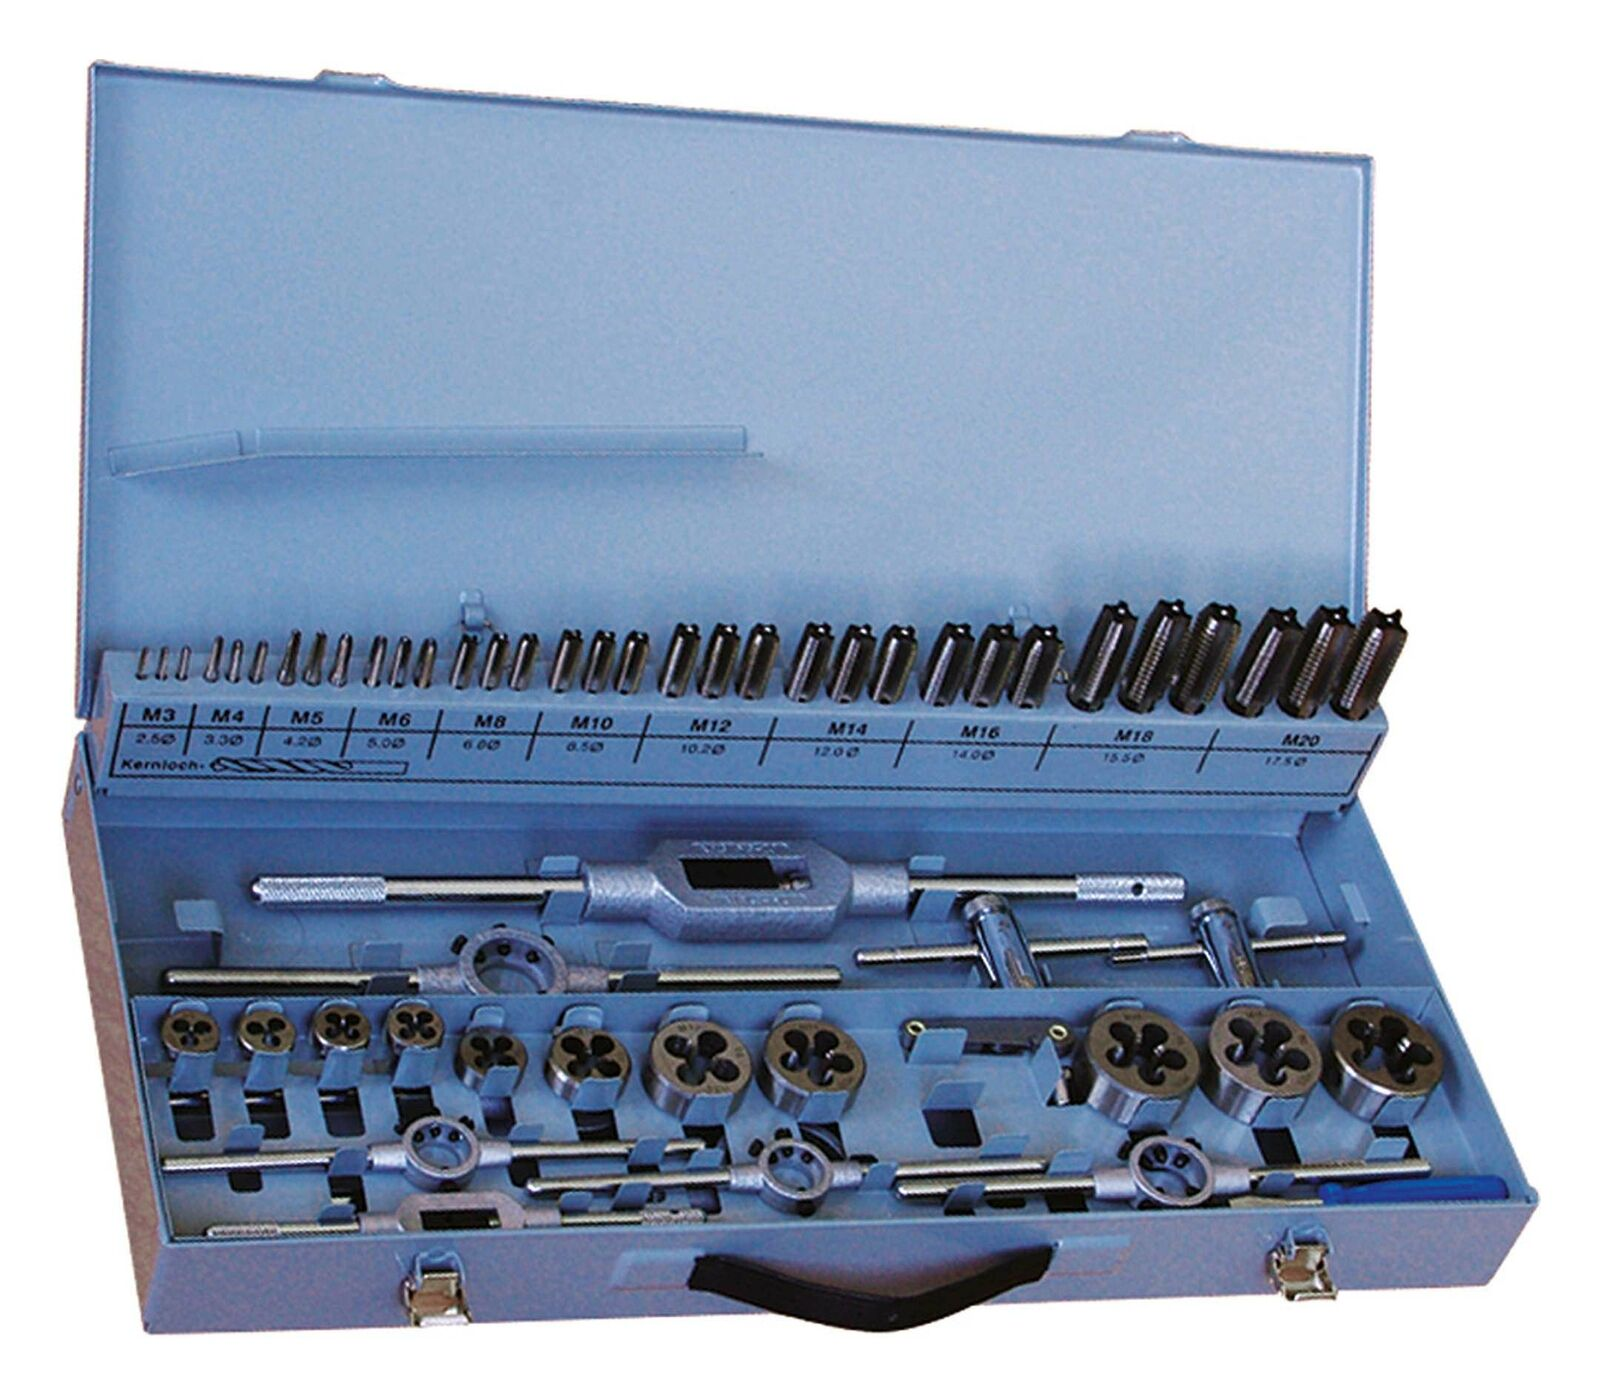 Fortis Hand-Gewindebohrer D352 Metall HSS M3-12 Sortiment | Die Farbe ist sehr auffällig  | Sehr gelobt und vom Publikum der Verbraucher geschätzt  | Exquisite Handwerkskunst  | Abrechnungspreis